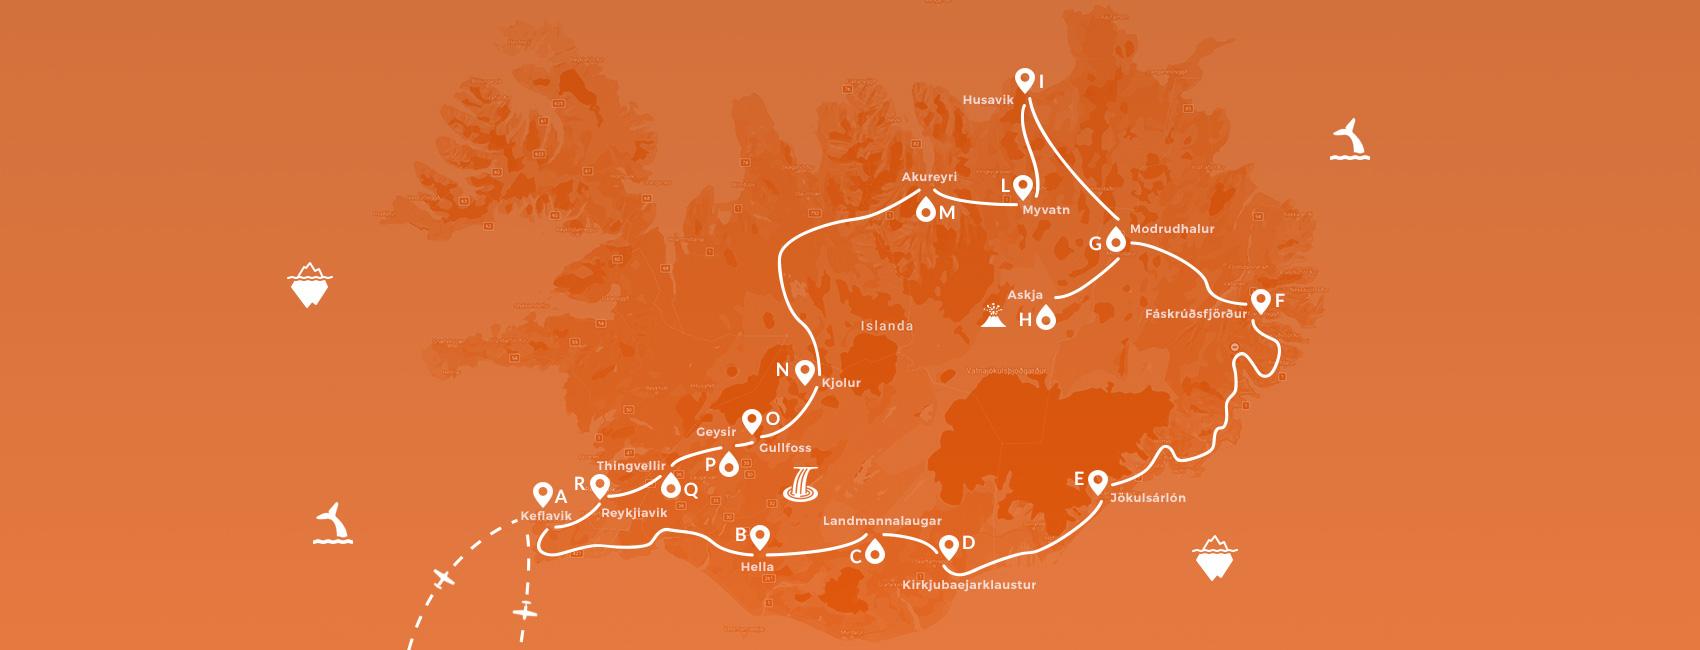 Islanda - Vulcani e altopiani con geologo